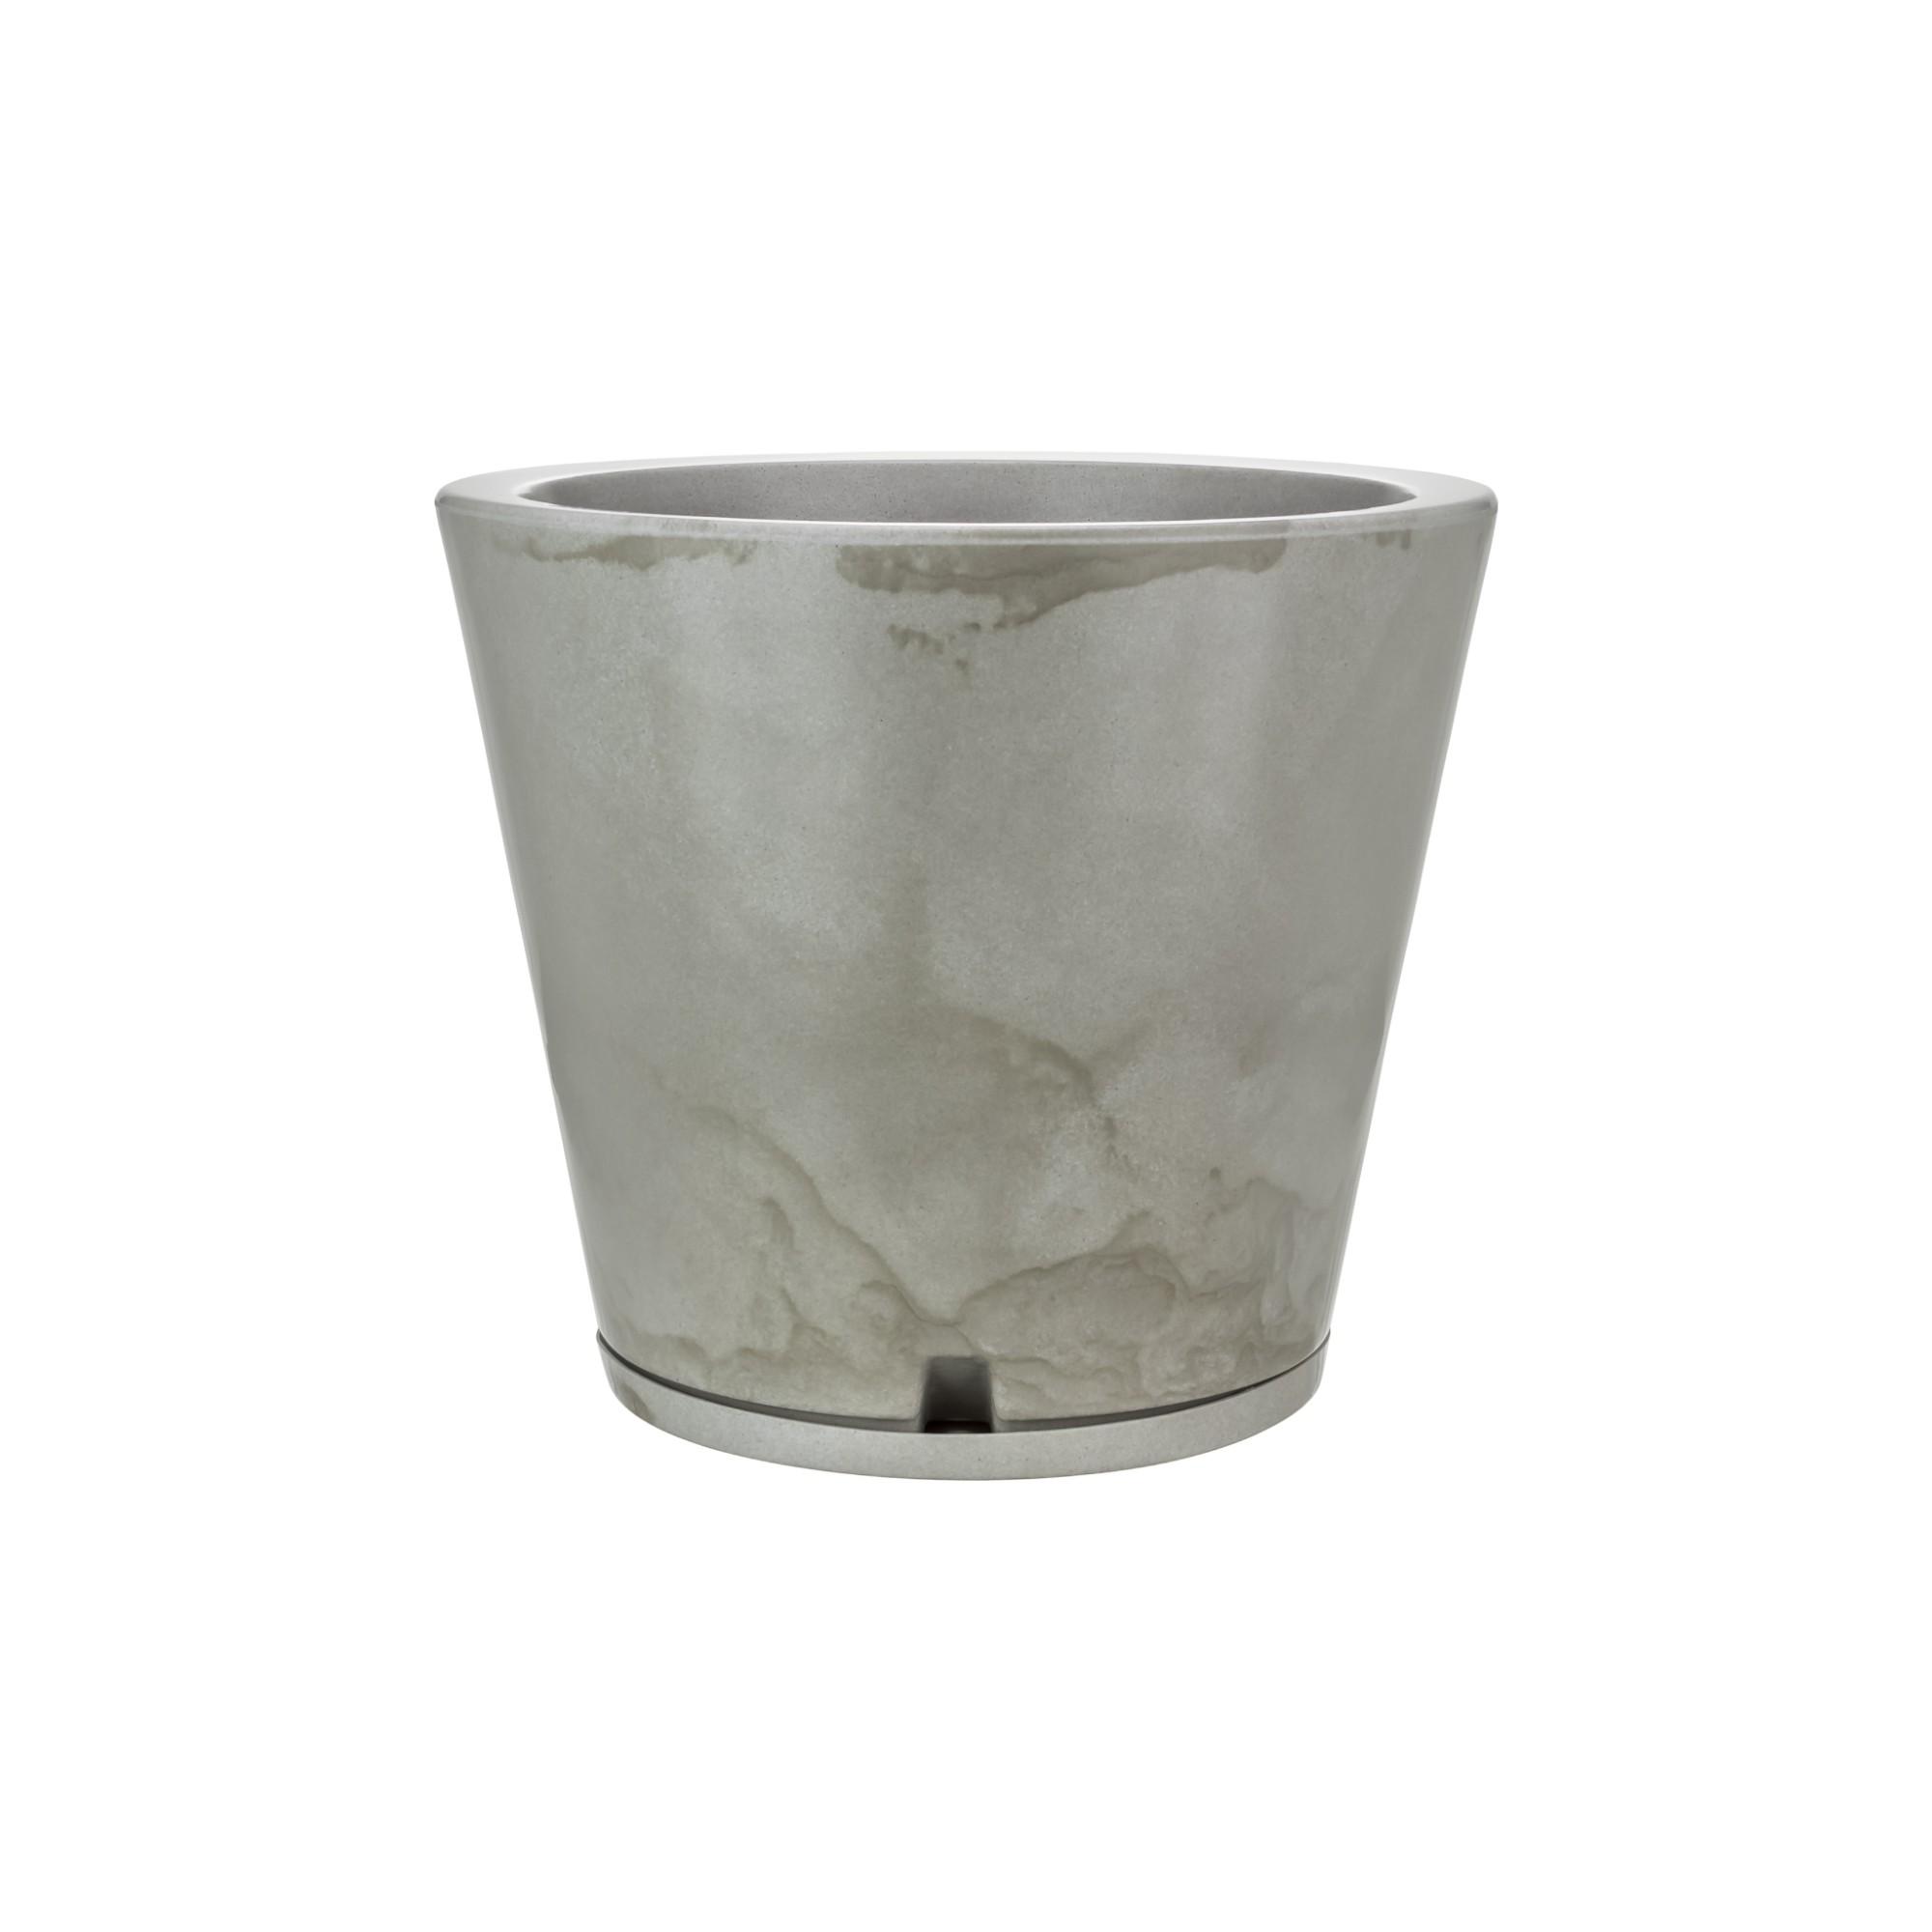 Vaso e Prato para Plantas Marmorato 35x40 cm Conico Branco - Florids